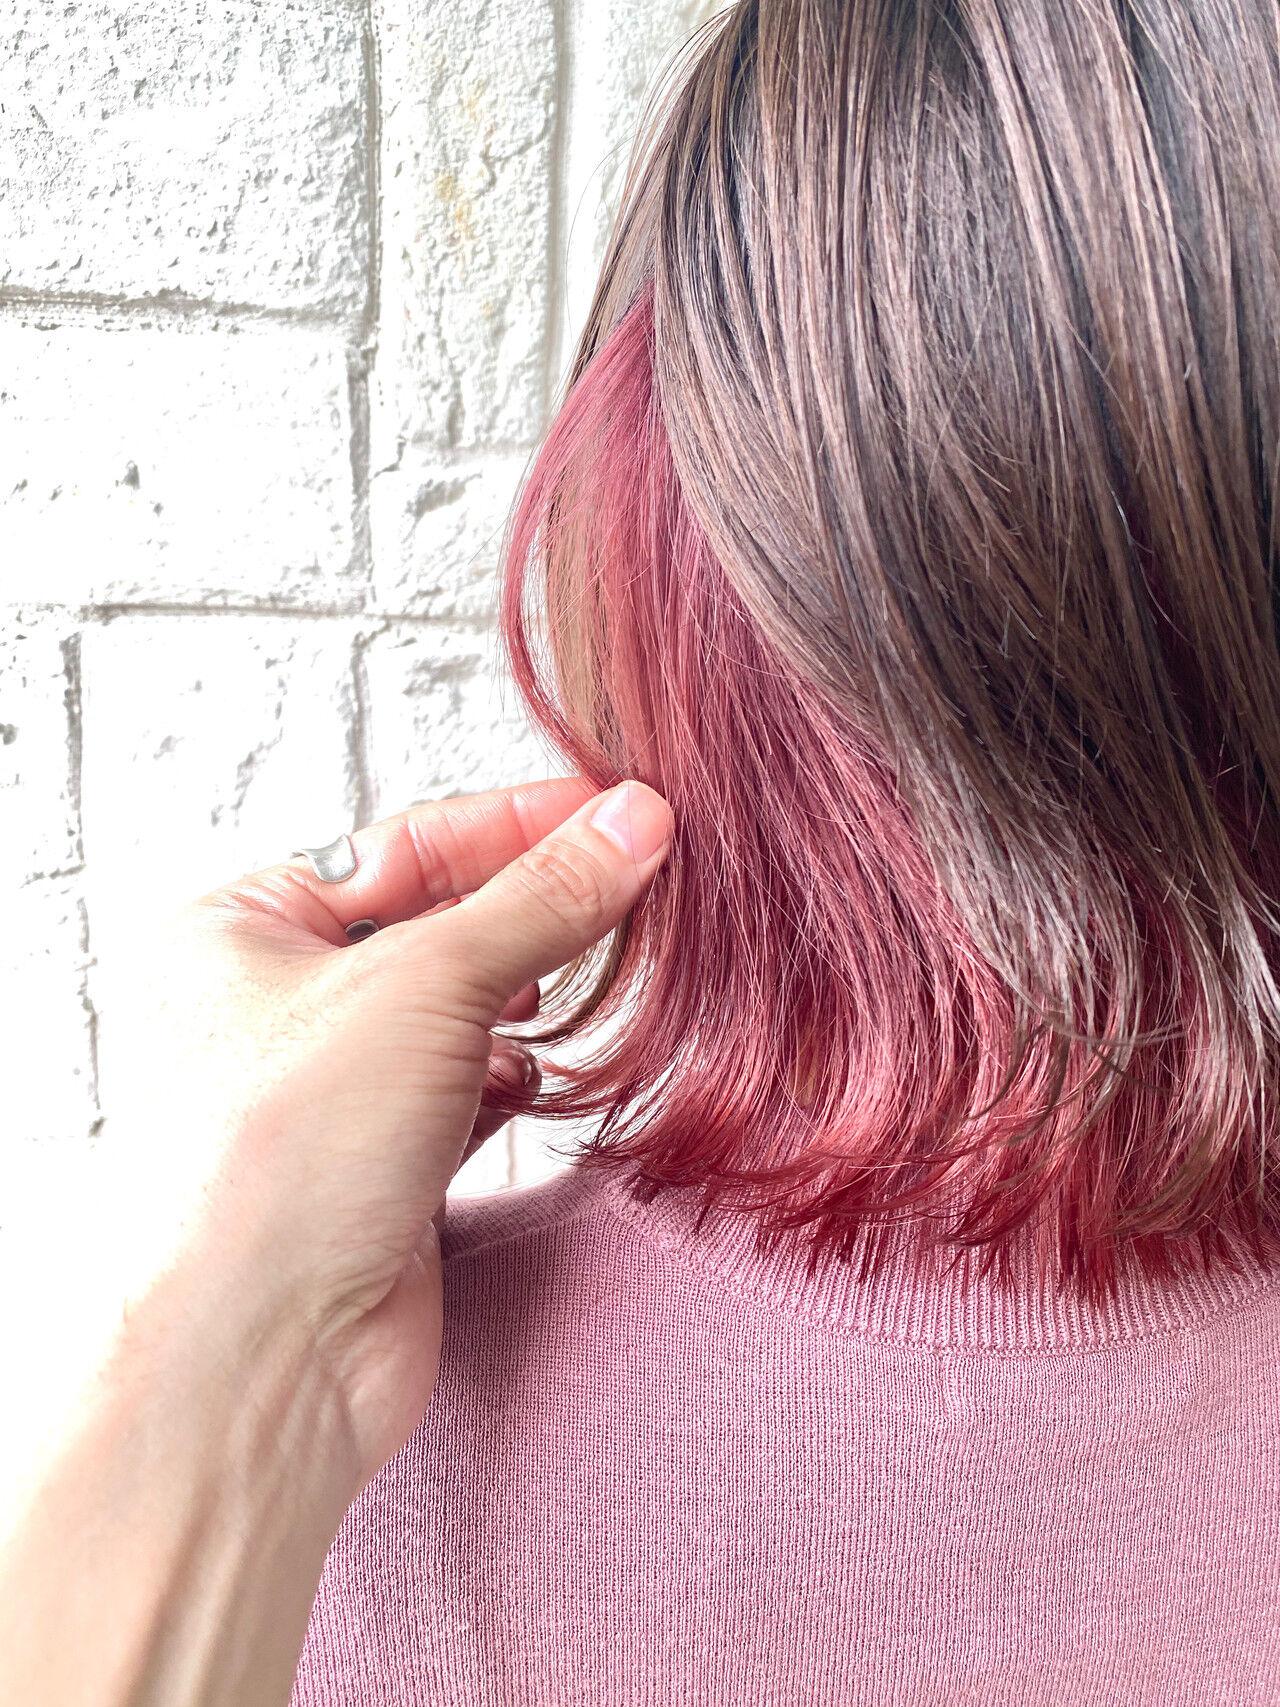 ミディアム ガーリー ピンクベージュ ピンクヘアスタイルや髪型の写真・画像